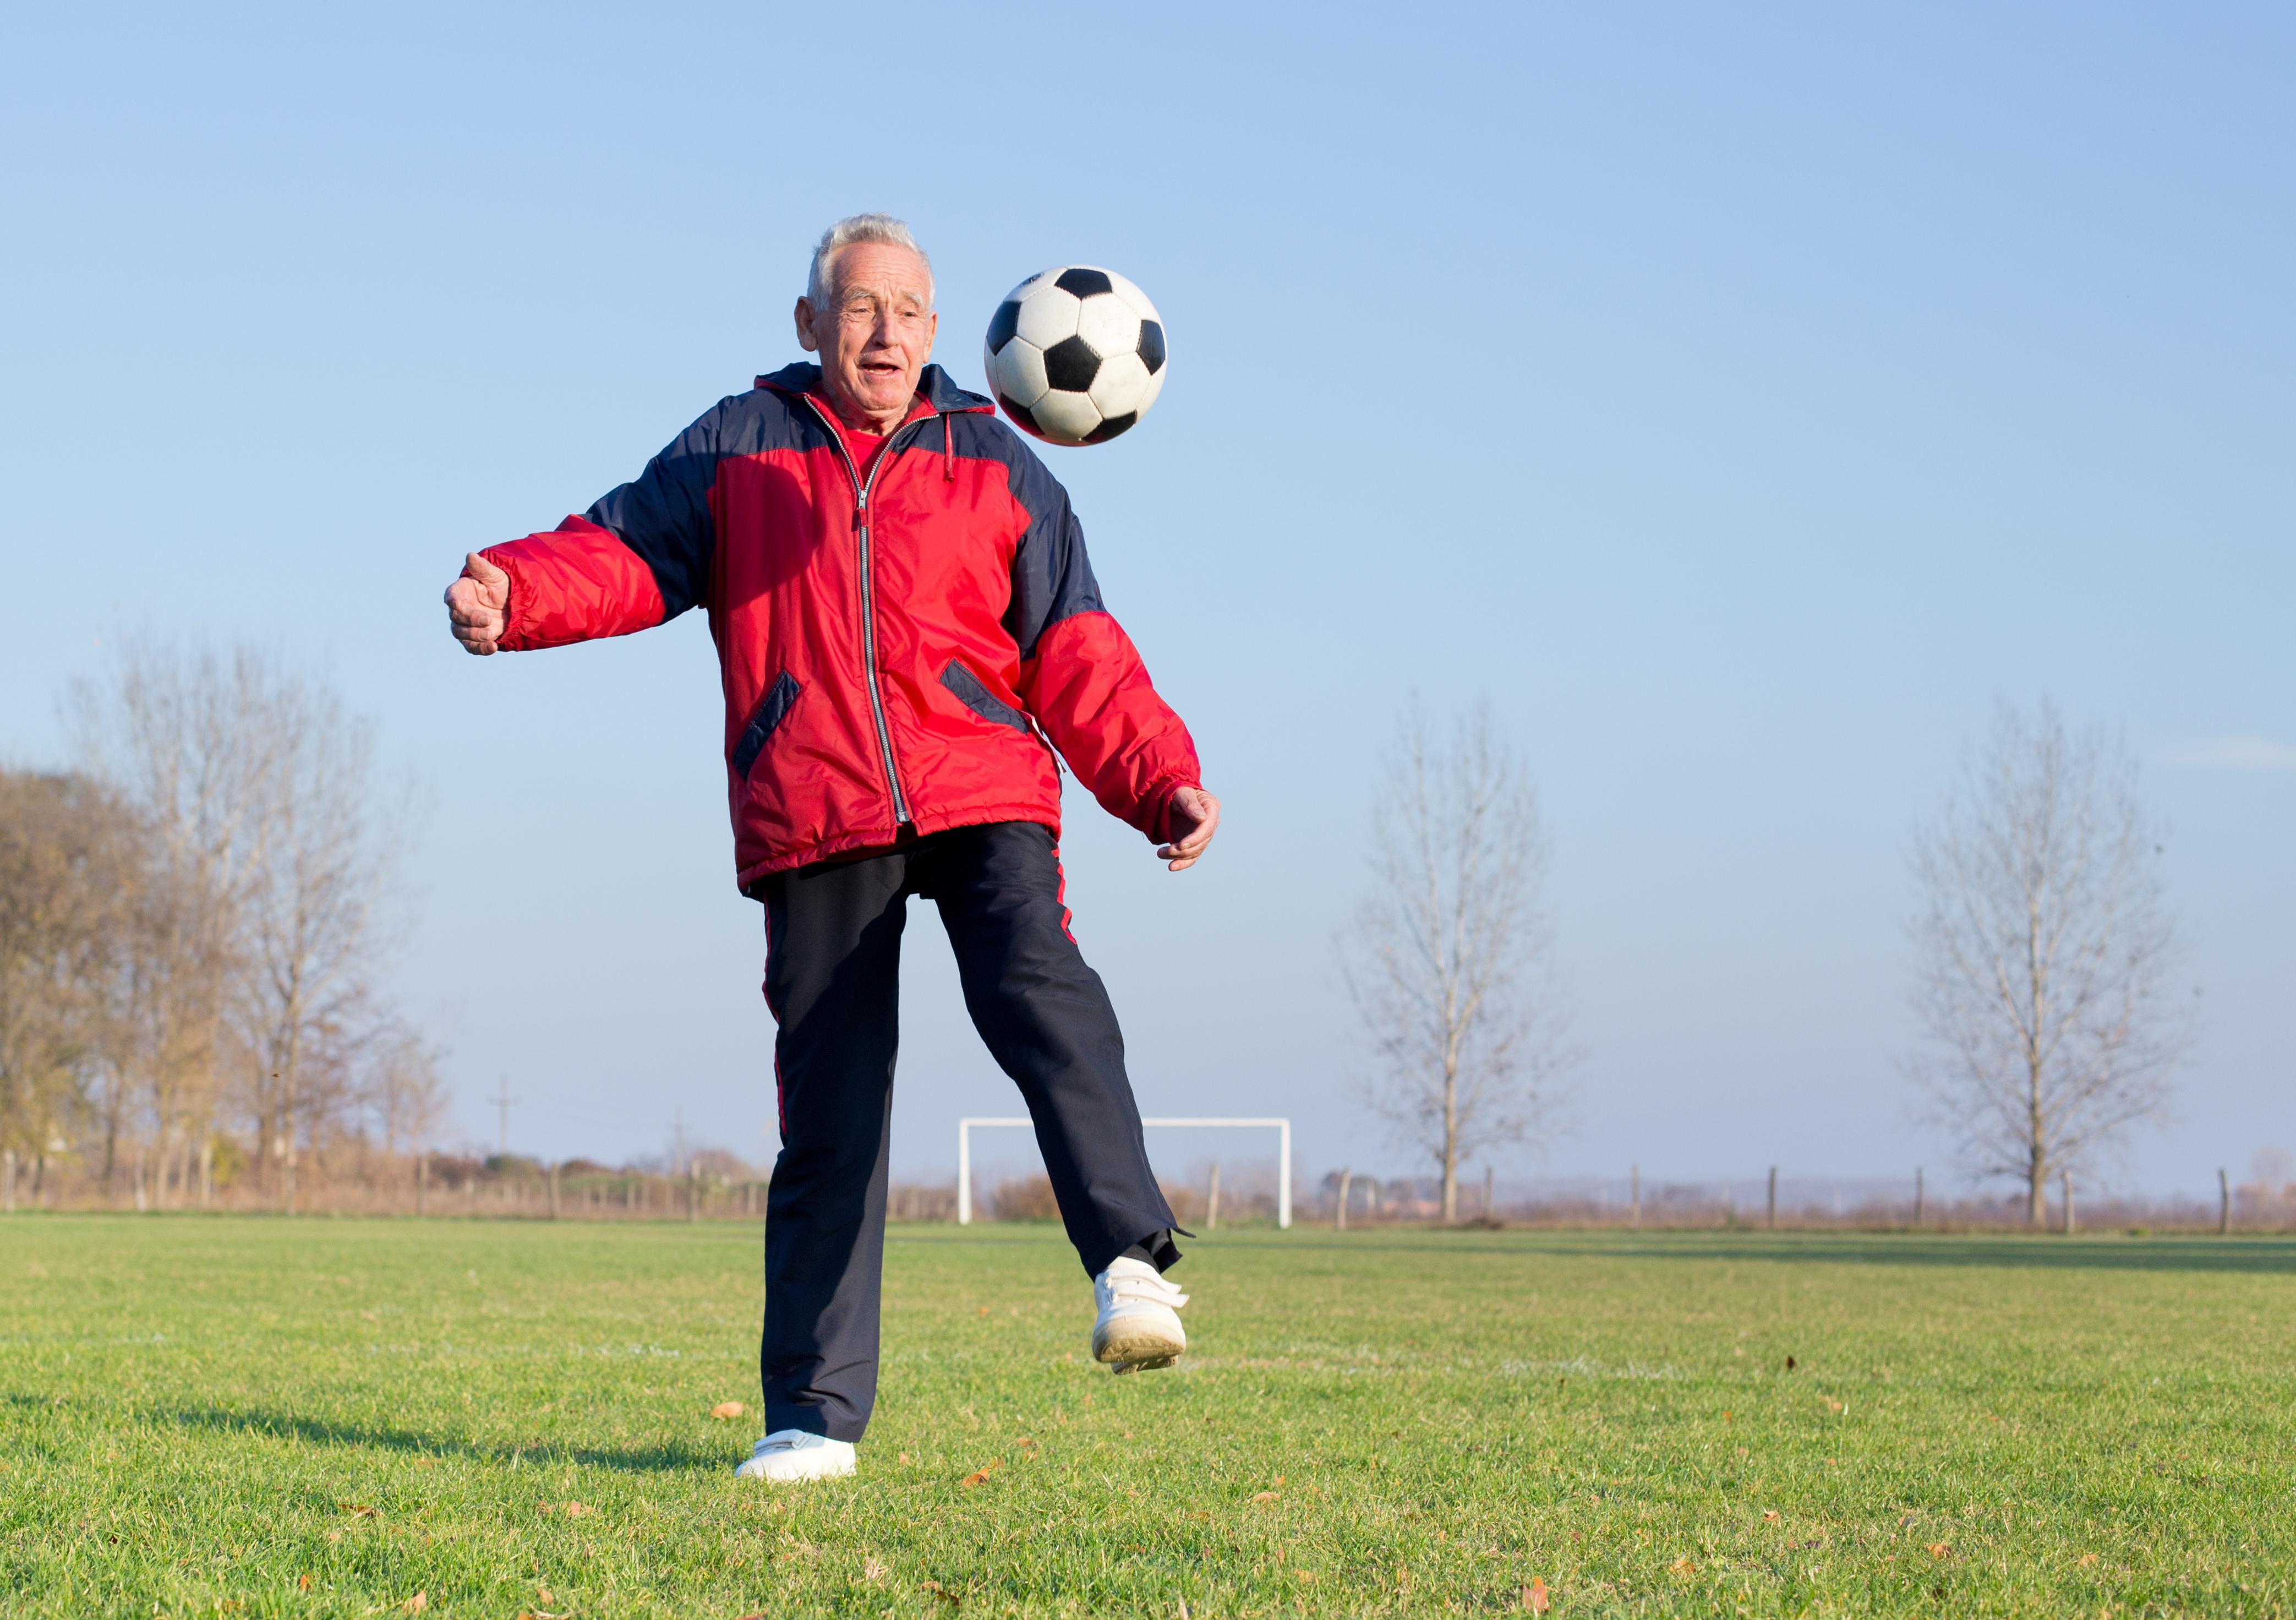 Fotbollsträning stärker både hjärta och ben och är en särskilt bra sport för 55-70-åringar som har eller är på väg att utveckla diabetes.